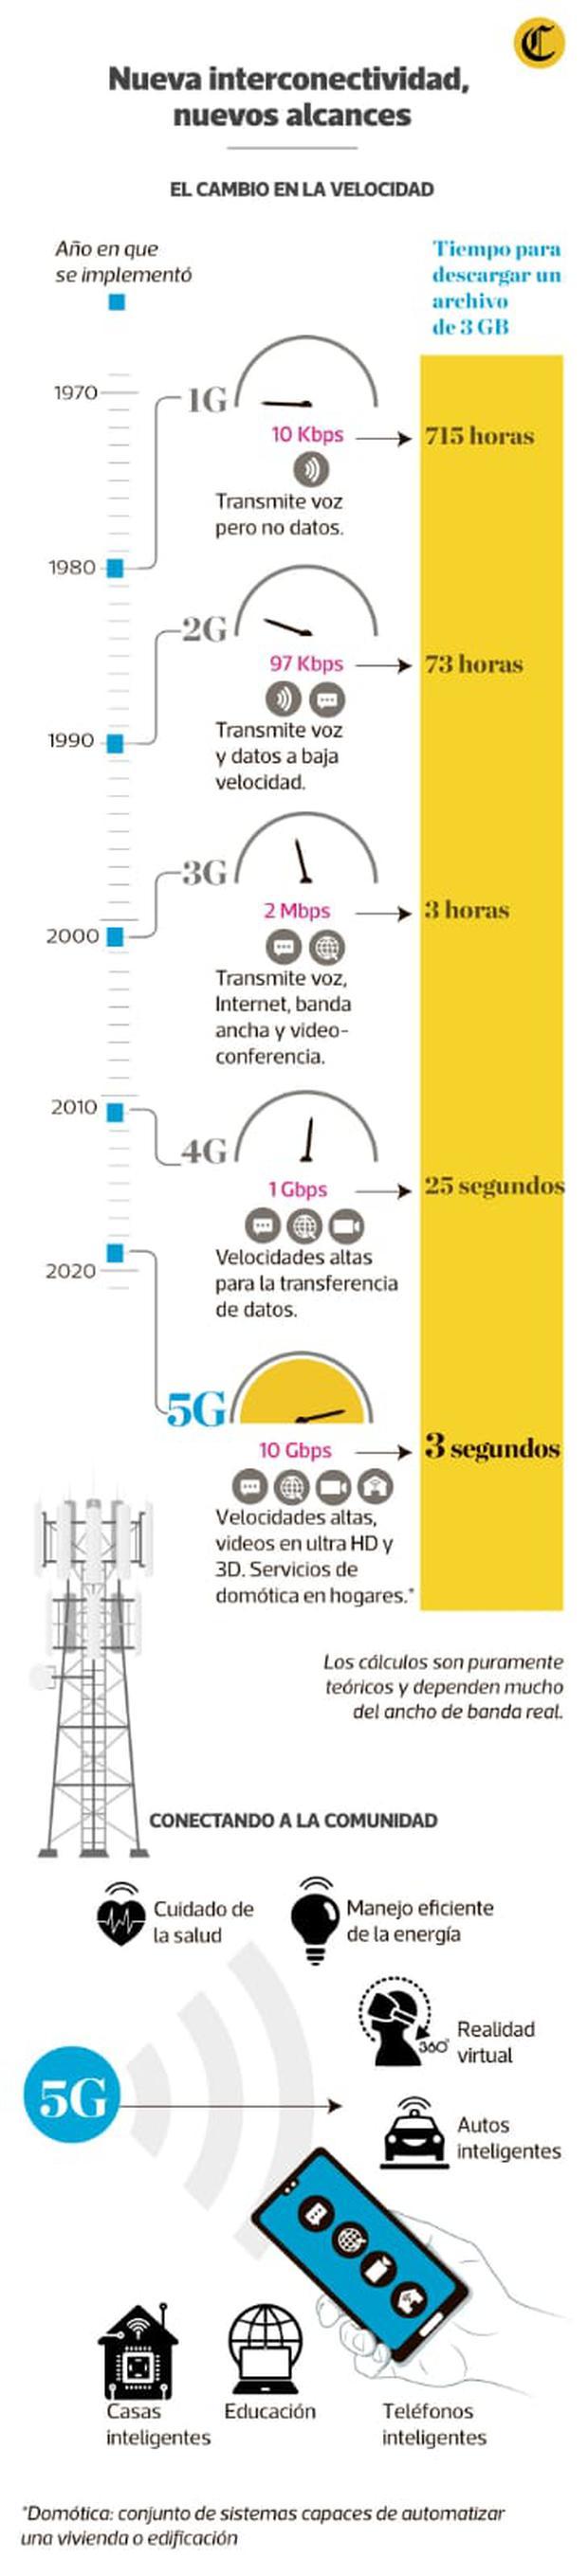 Estas son las principales características de la tecnología 5G, que ya está disponible en el Perú. (Infografía: Antonio Tarazona)